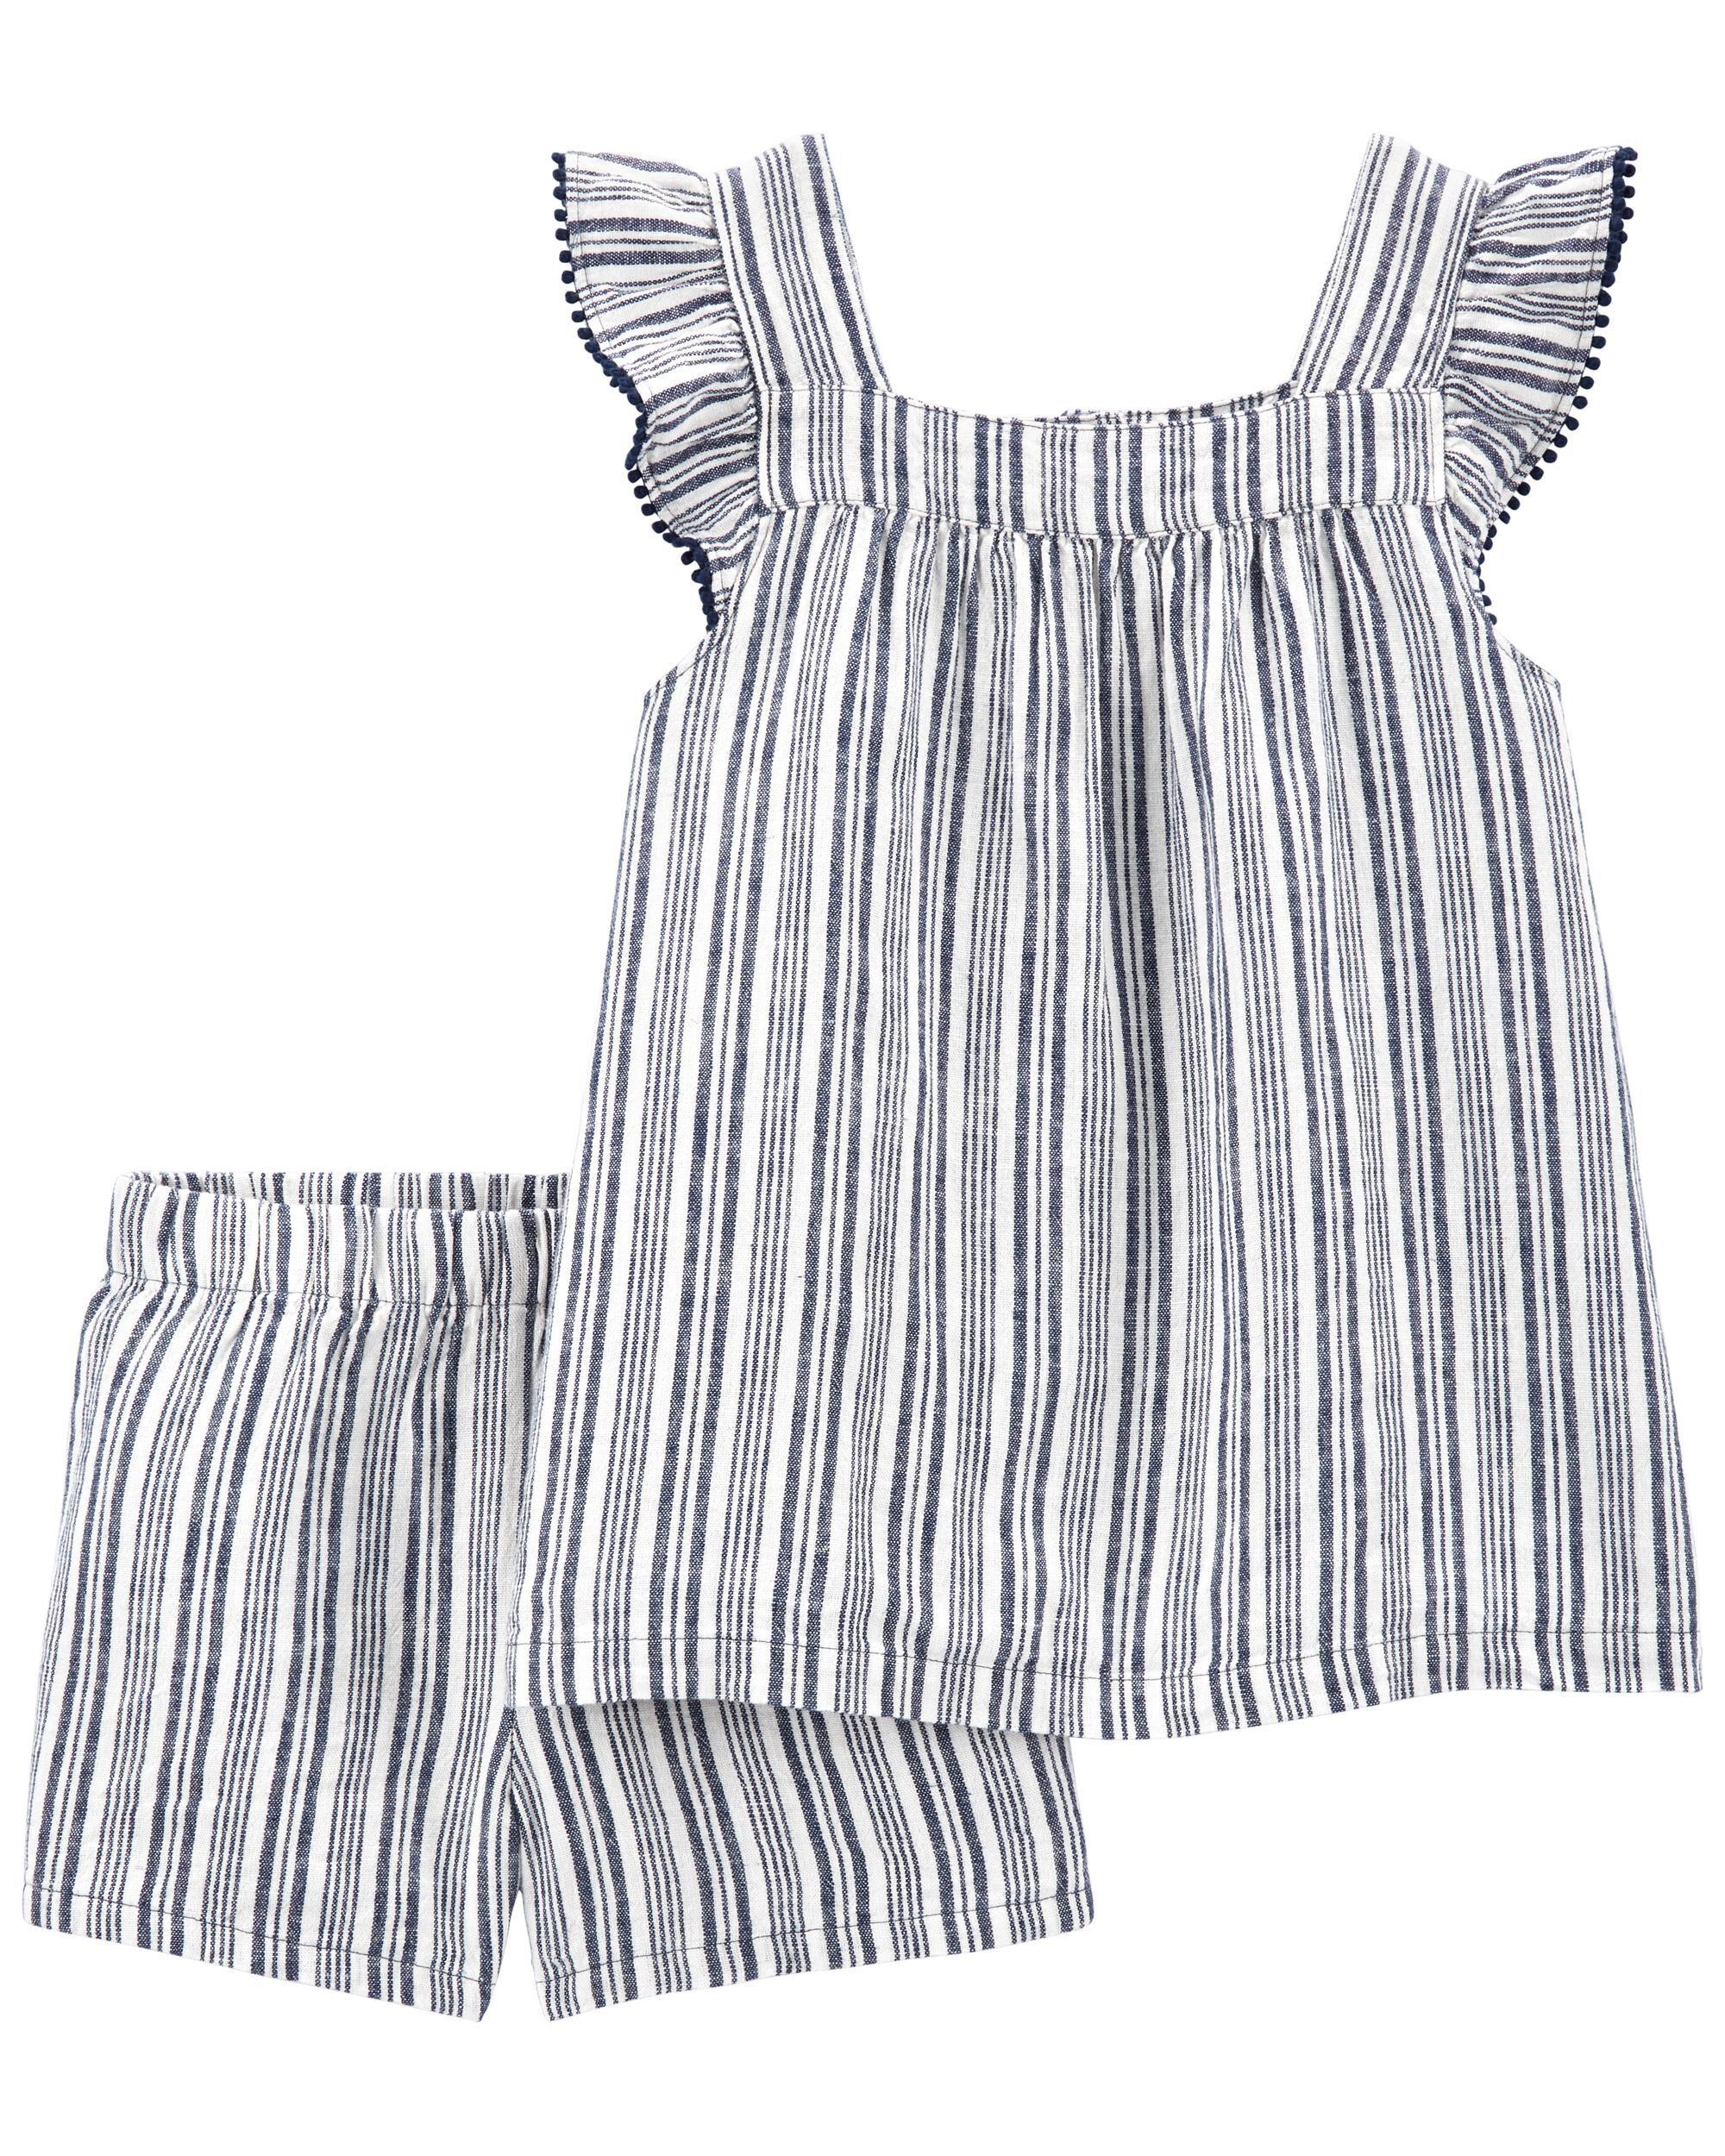 *DOORBUSTER* 2-Piece Striped Tee & Short Set